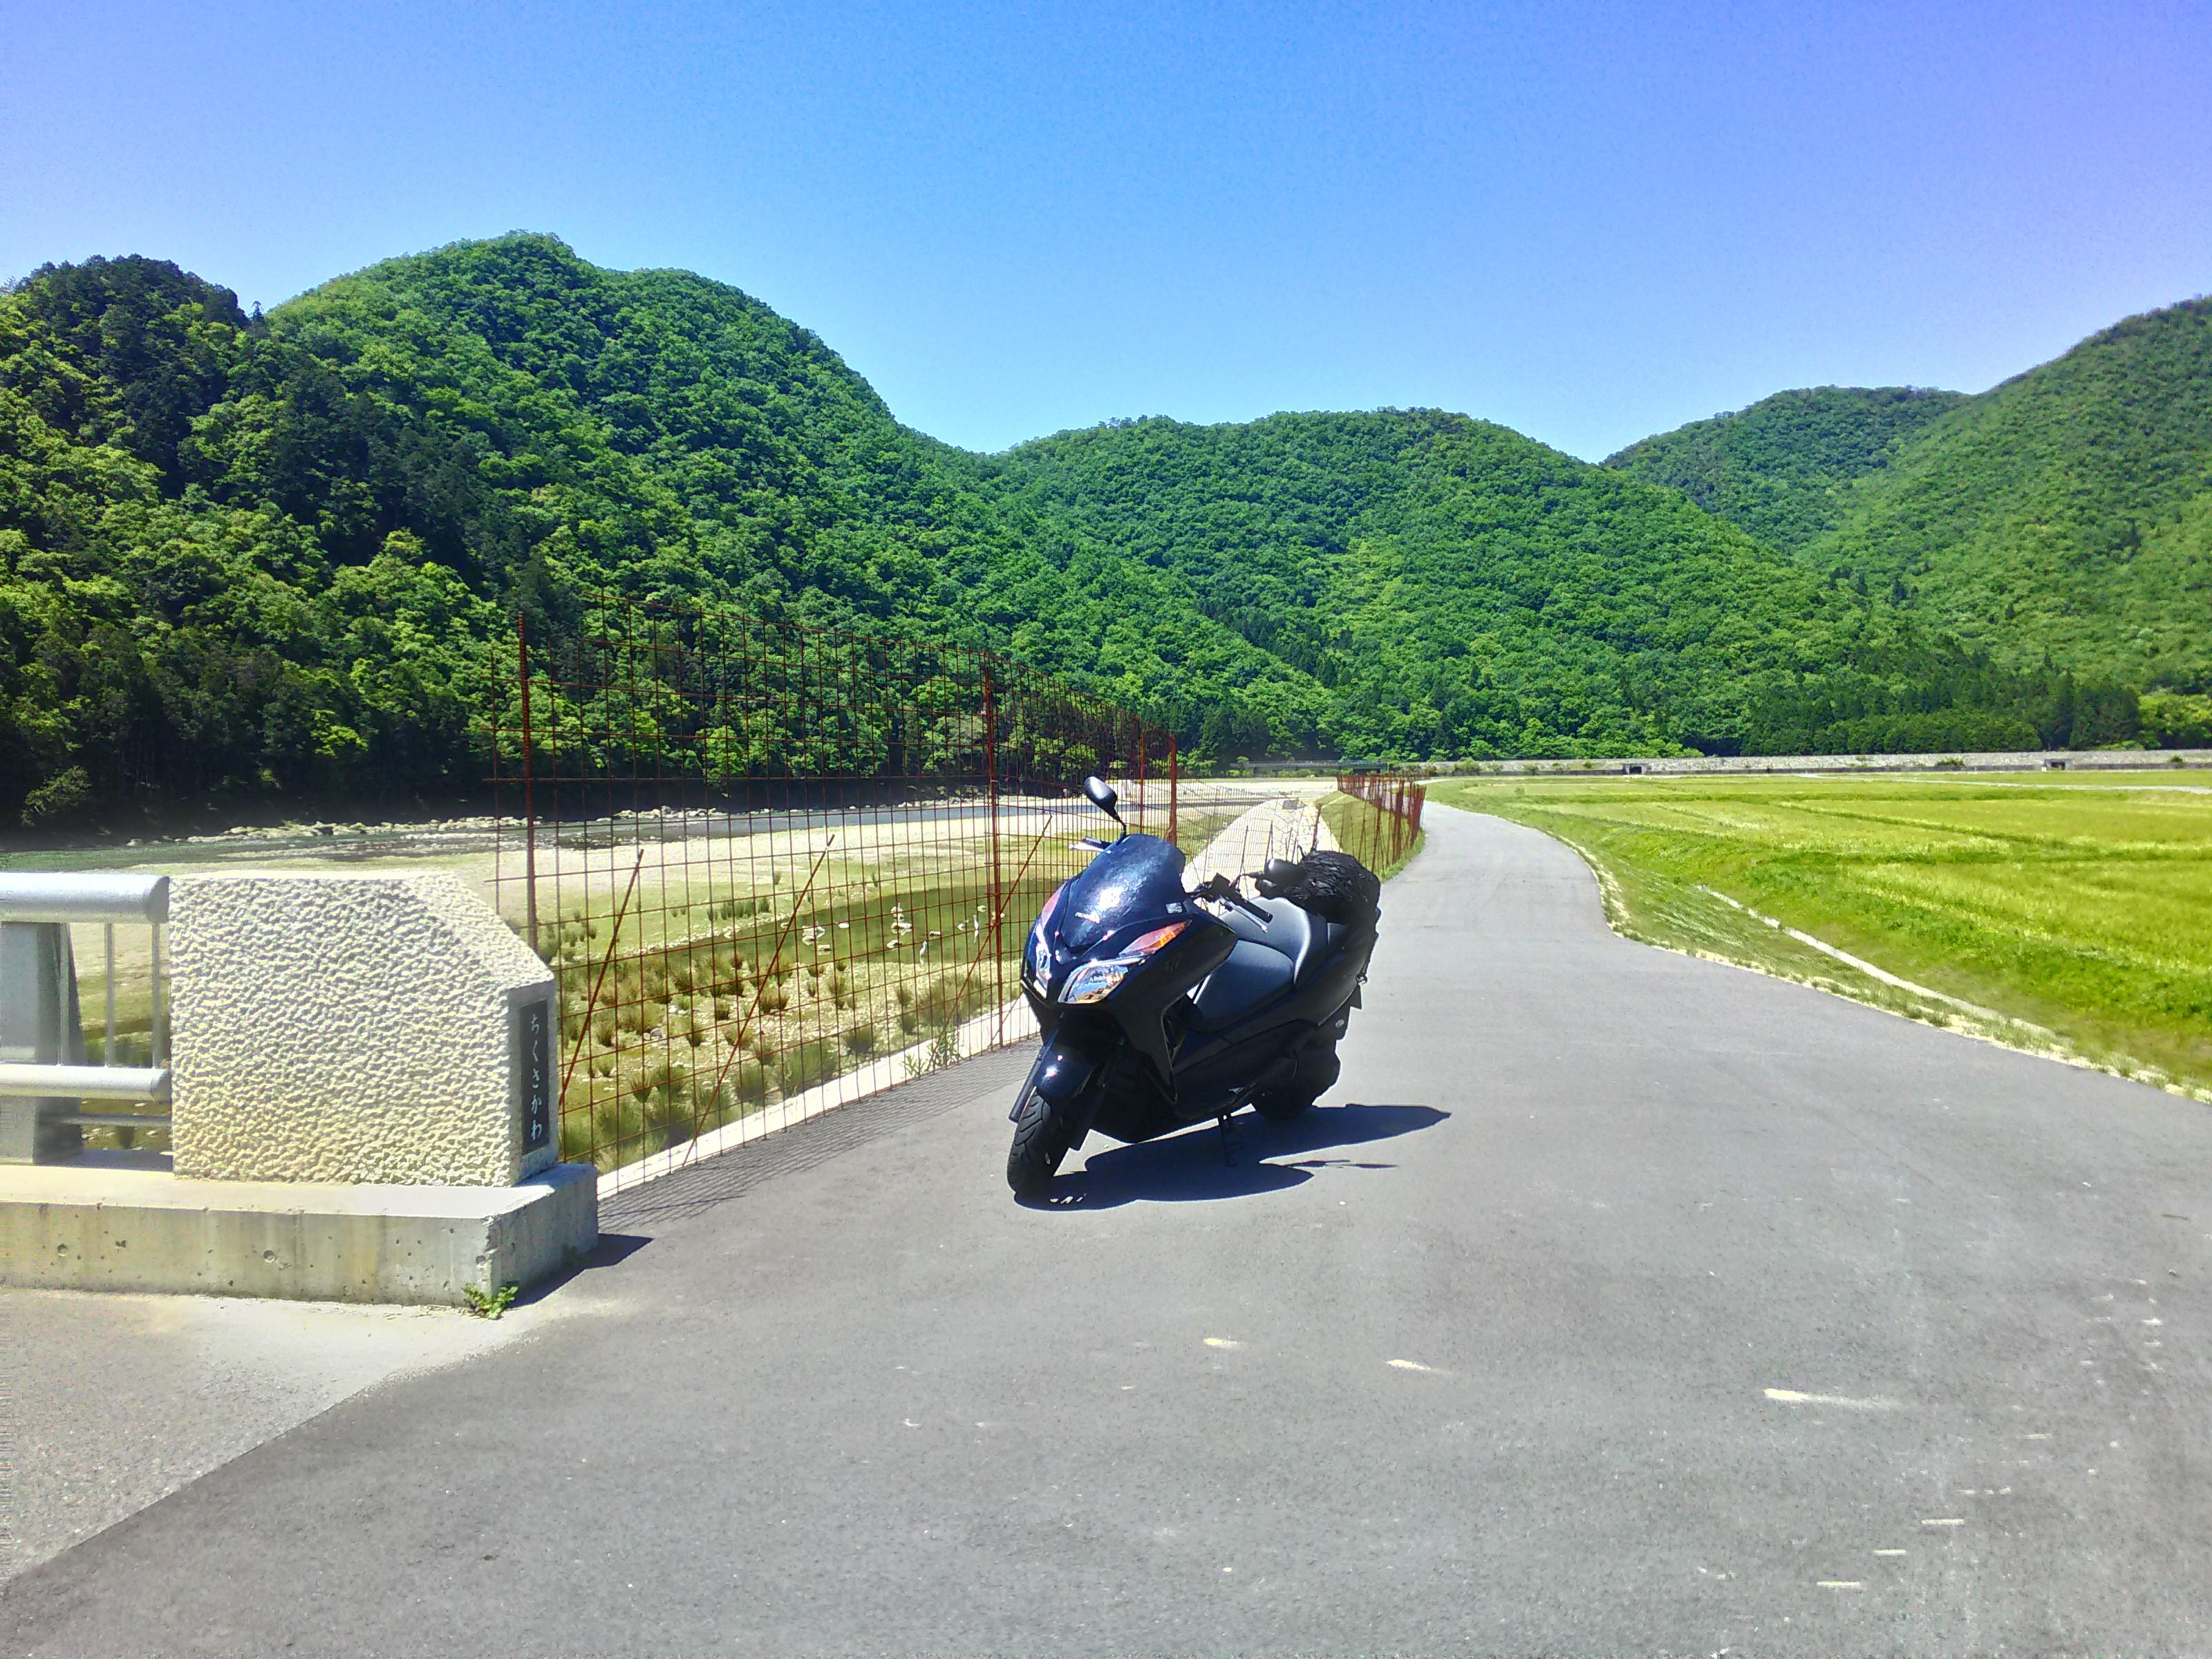 Blog旅take11.兵庫県北部・香美町にツーリング。そしてバイクのガソリンを「ハイオク」に変えたら劇的変化が!Post navigation